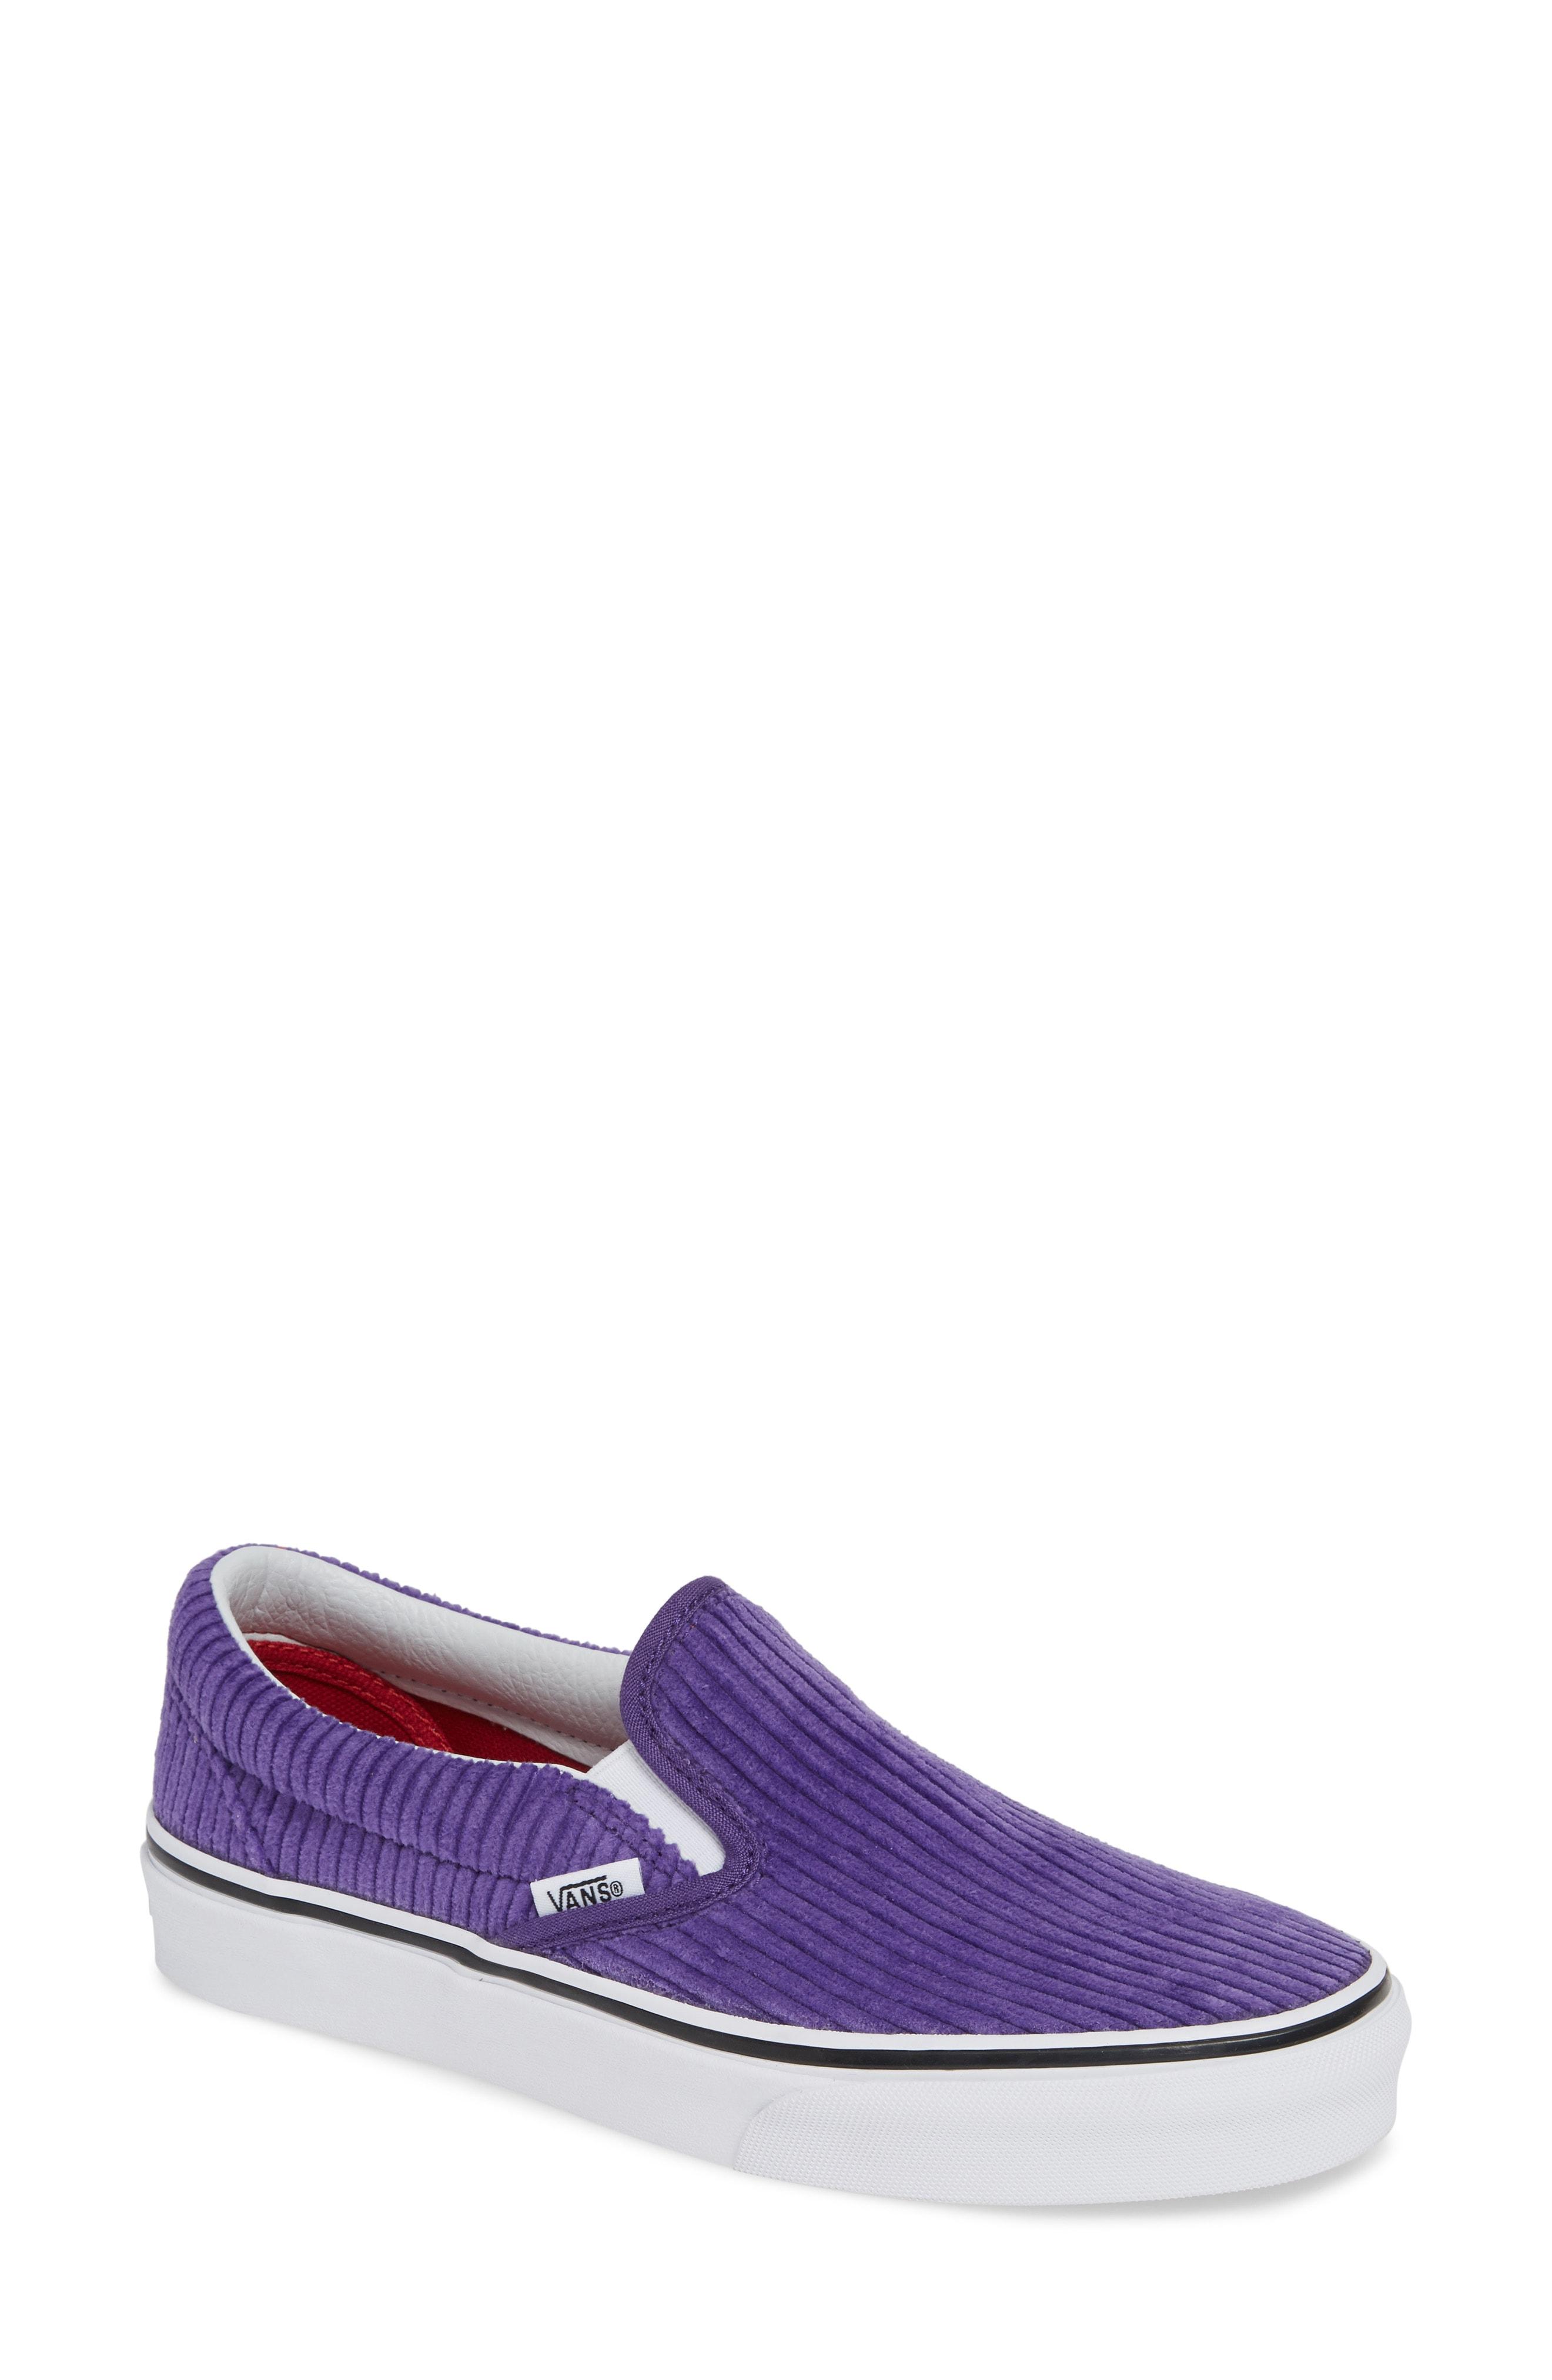 Vans Classic Design Assembly Slip-On Sneaker (Women)